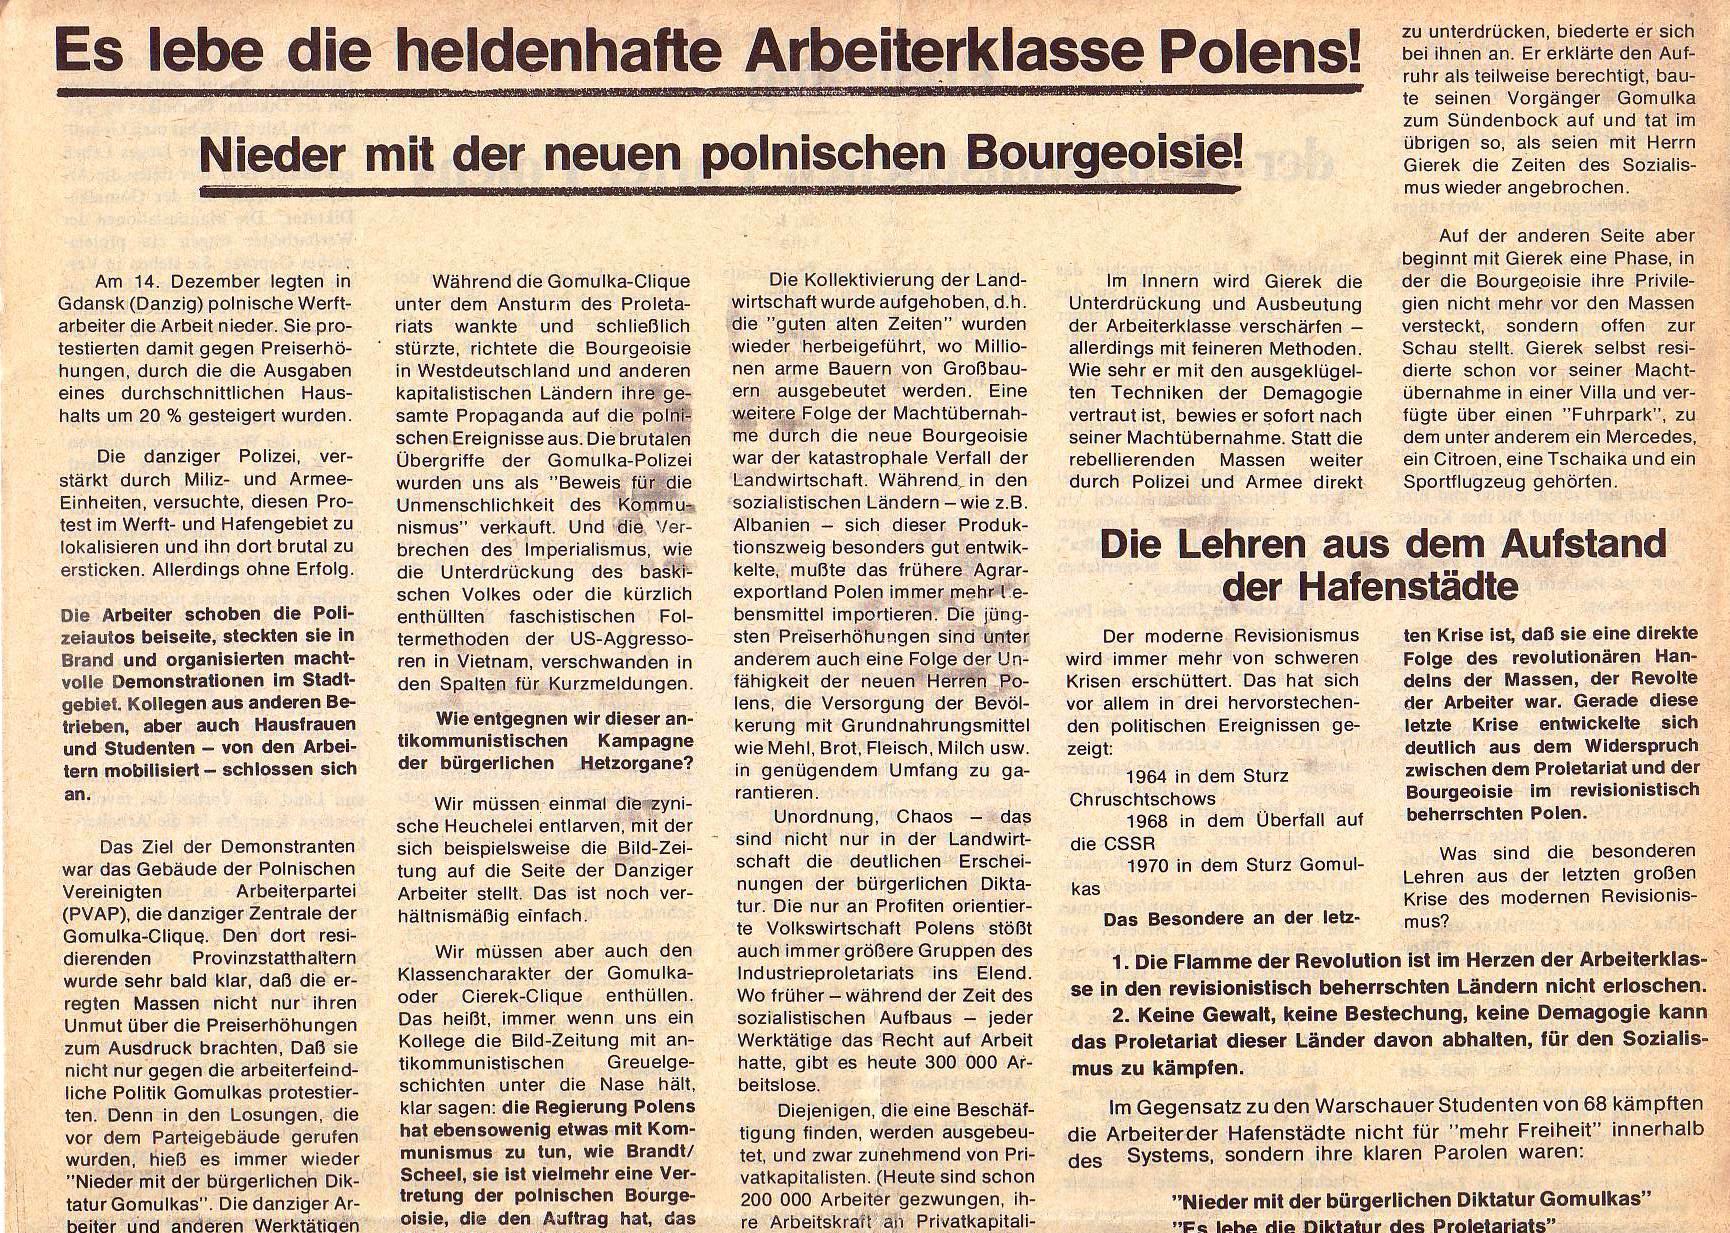 Roter Morgen, 5. Jg., Januar 1971, Nr. 1, Seite 3a